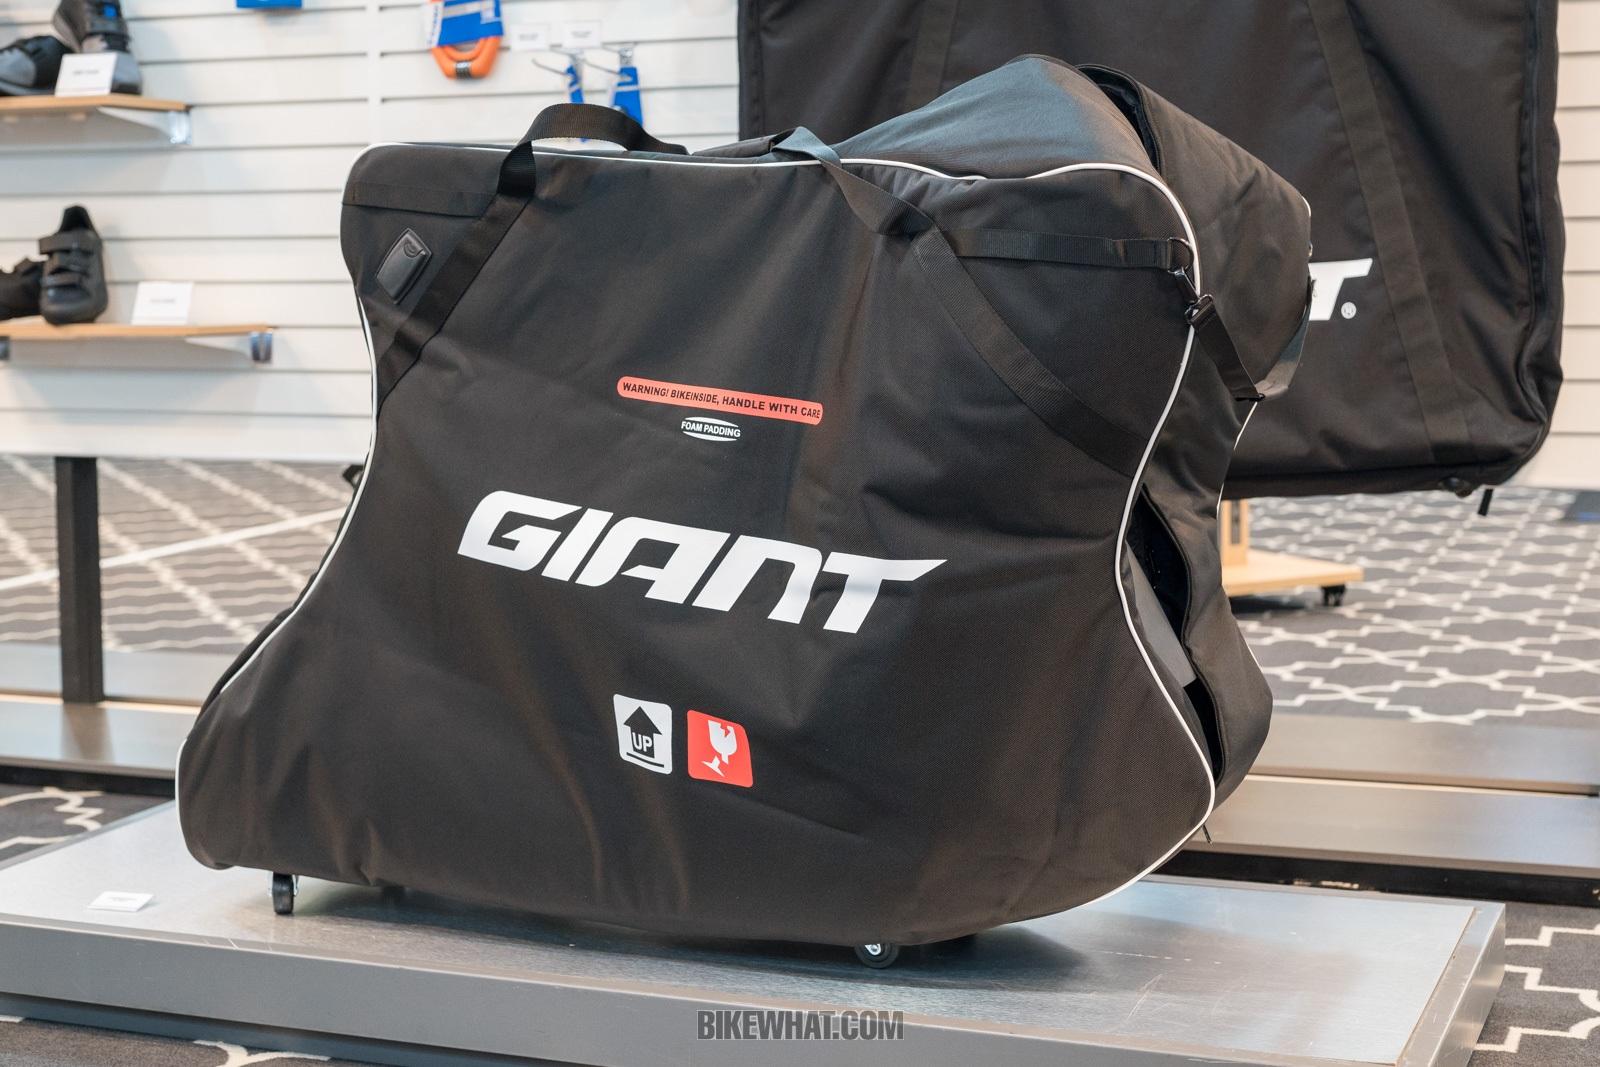 GIANT_2019_30.jpg